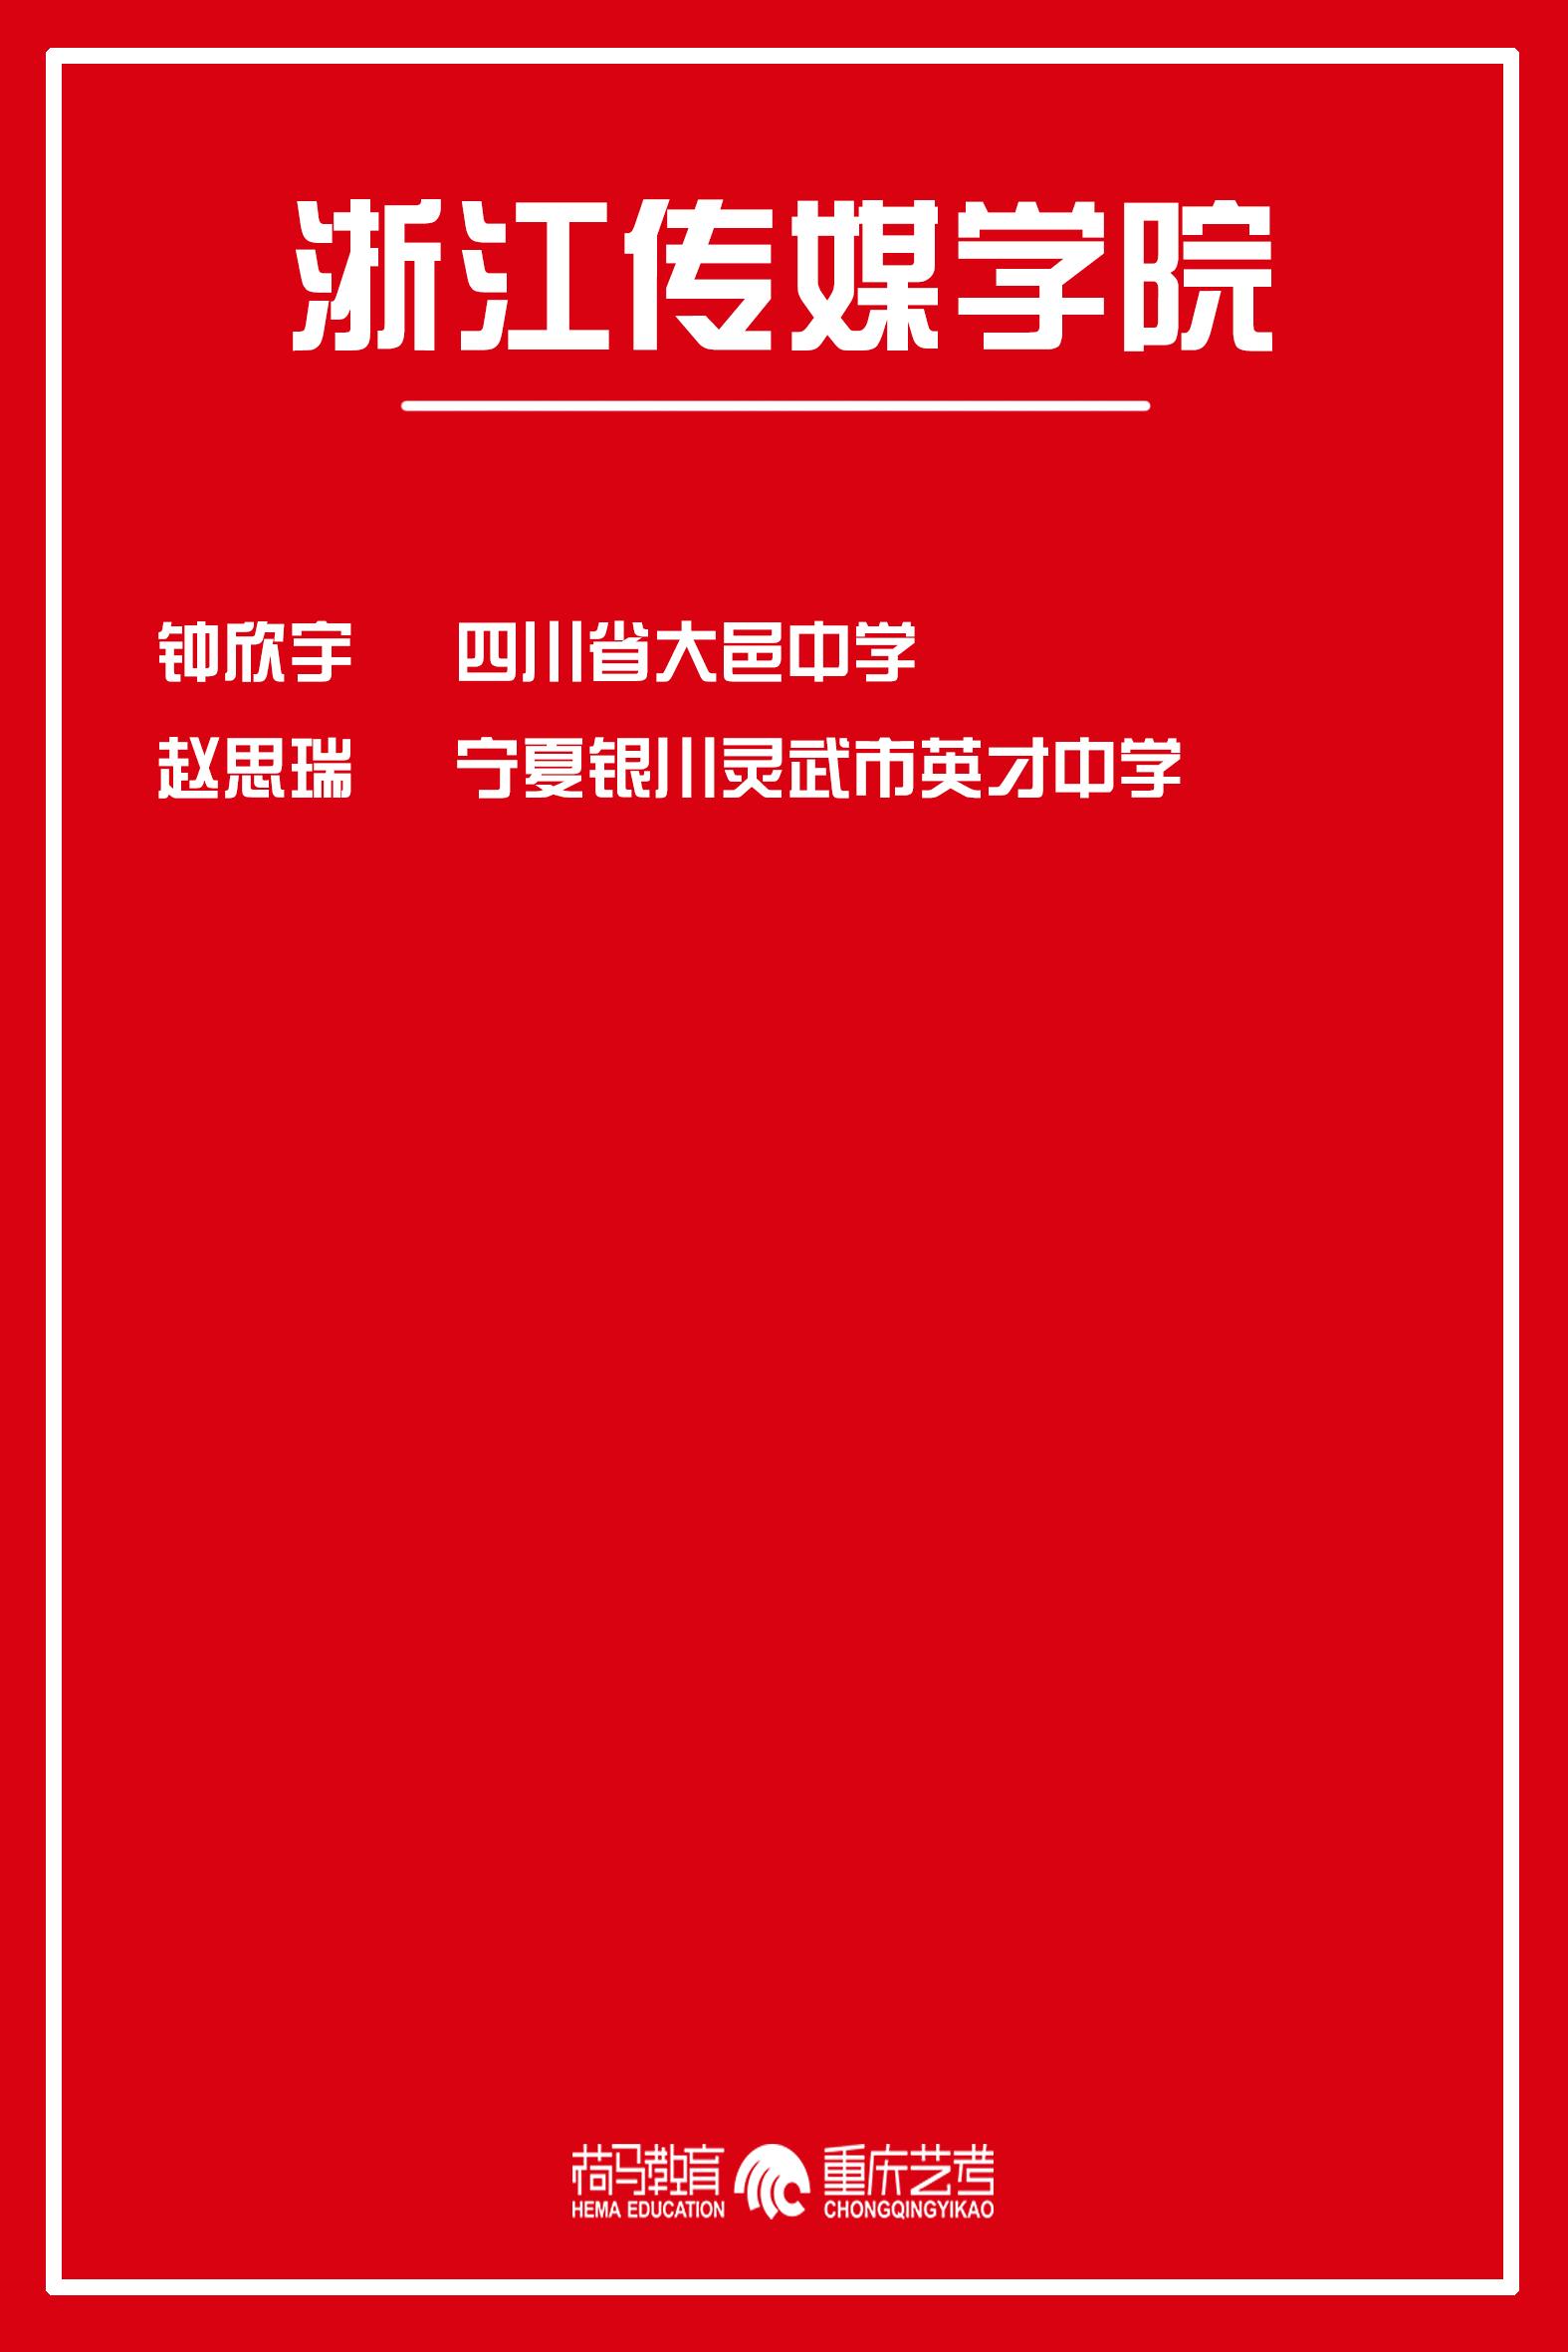 浙江传媒学院.jpg